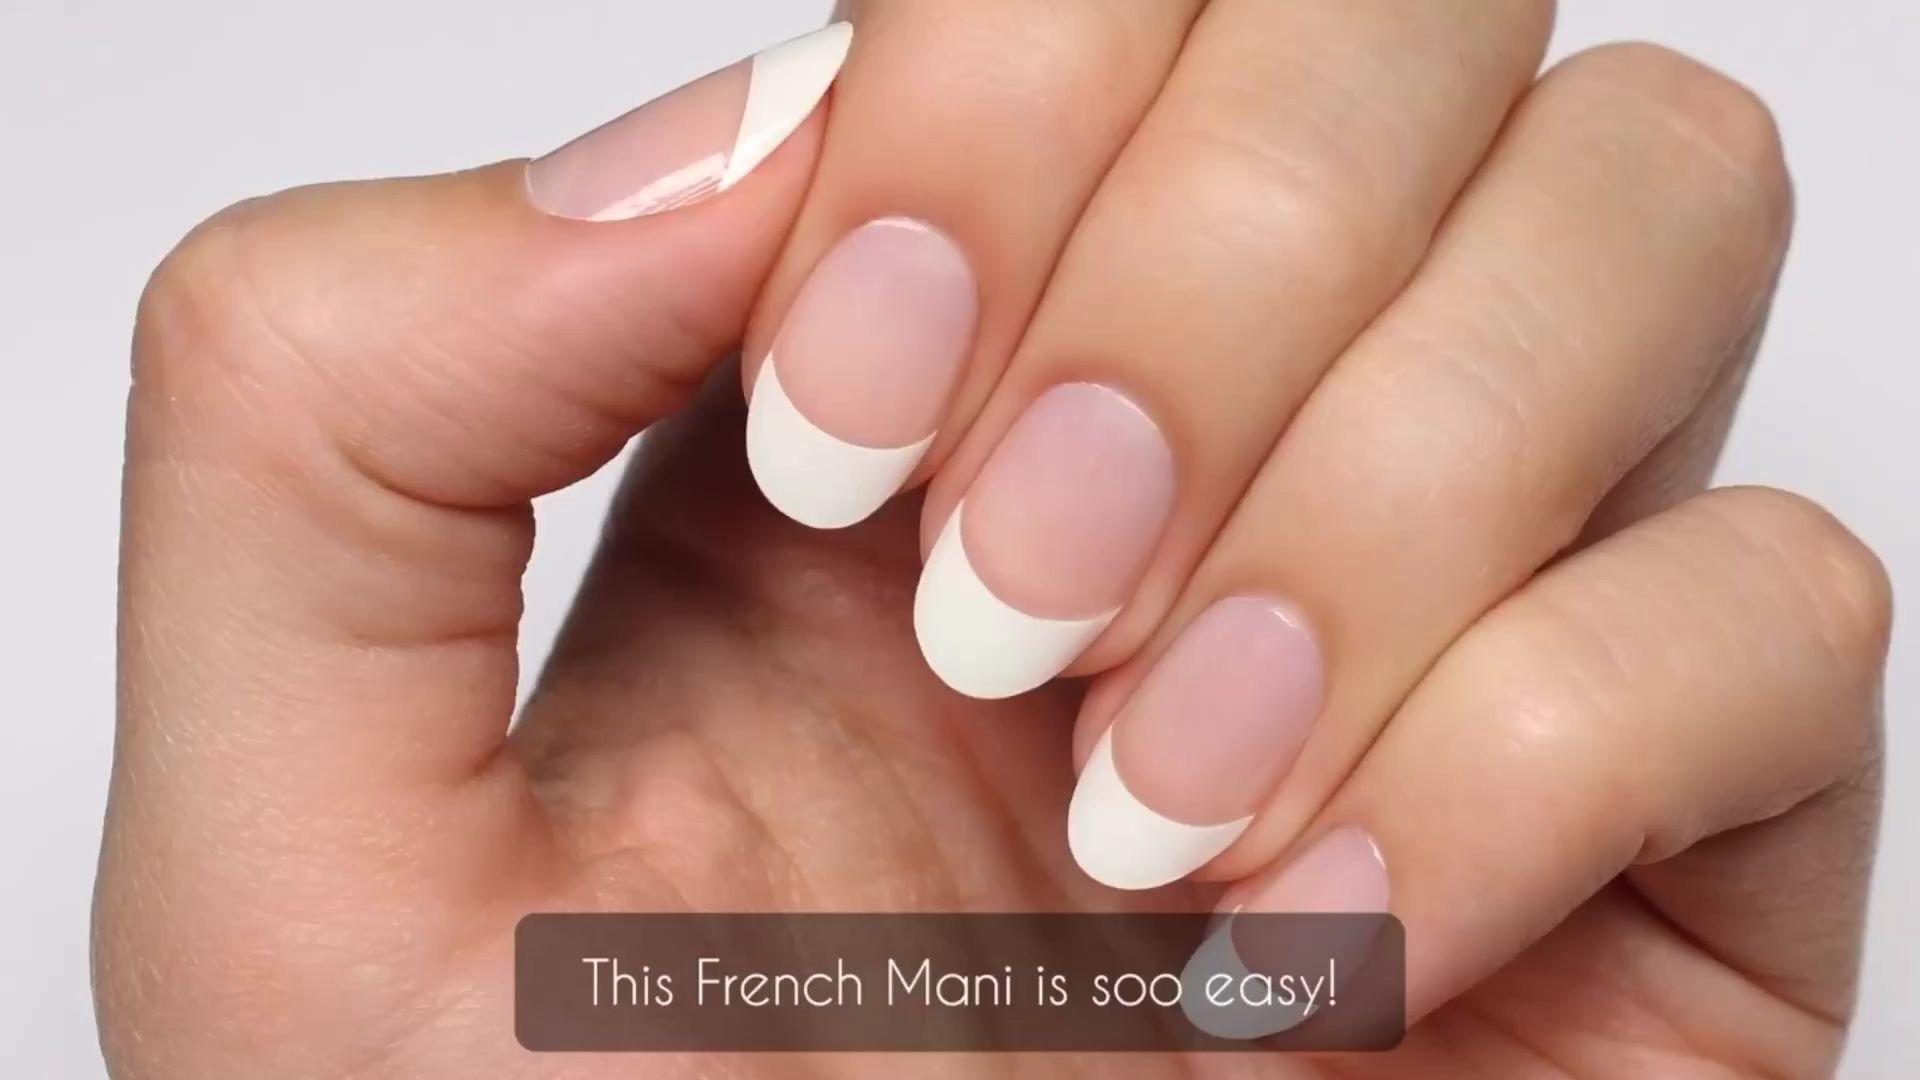 fransk manikyr set